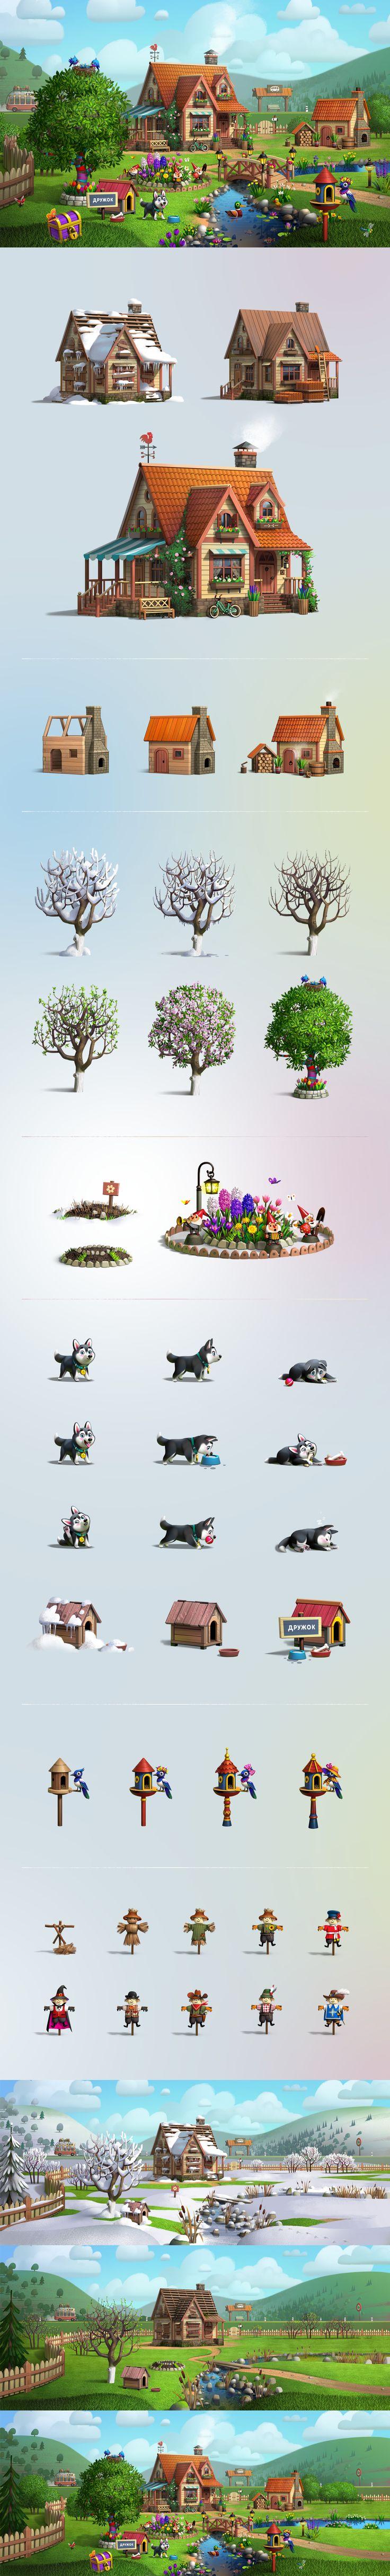 Весенние истории, Иллюстрация © АлексейБазик